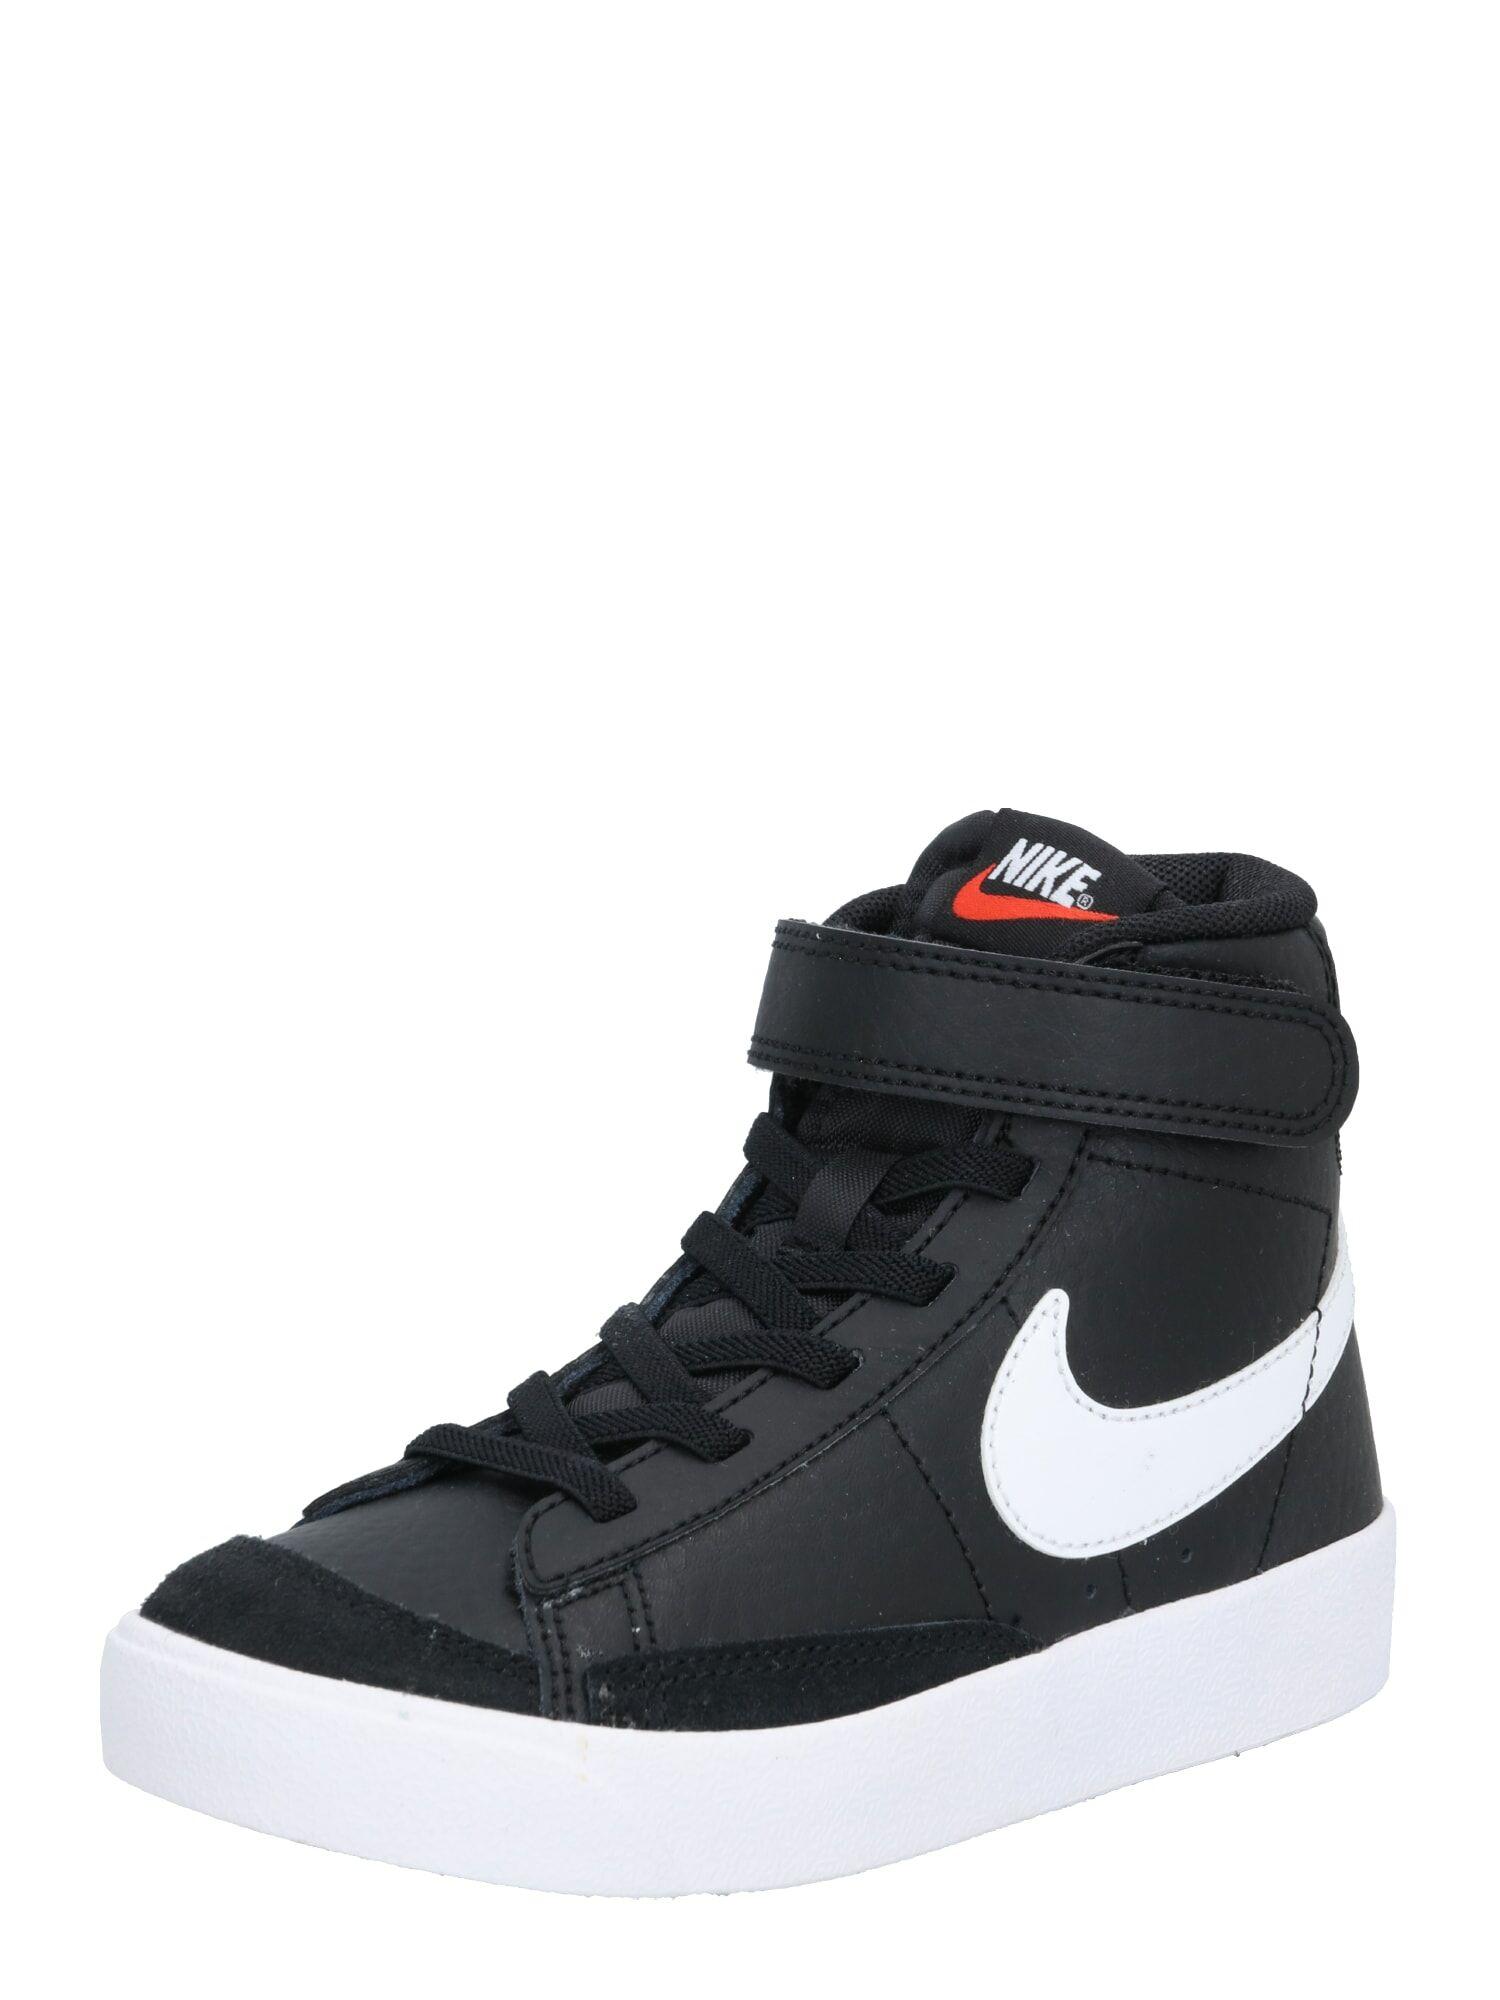 Nike Sportswear Baskets 'Blazer 77'  - Noir - Taille: 13C - boy